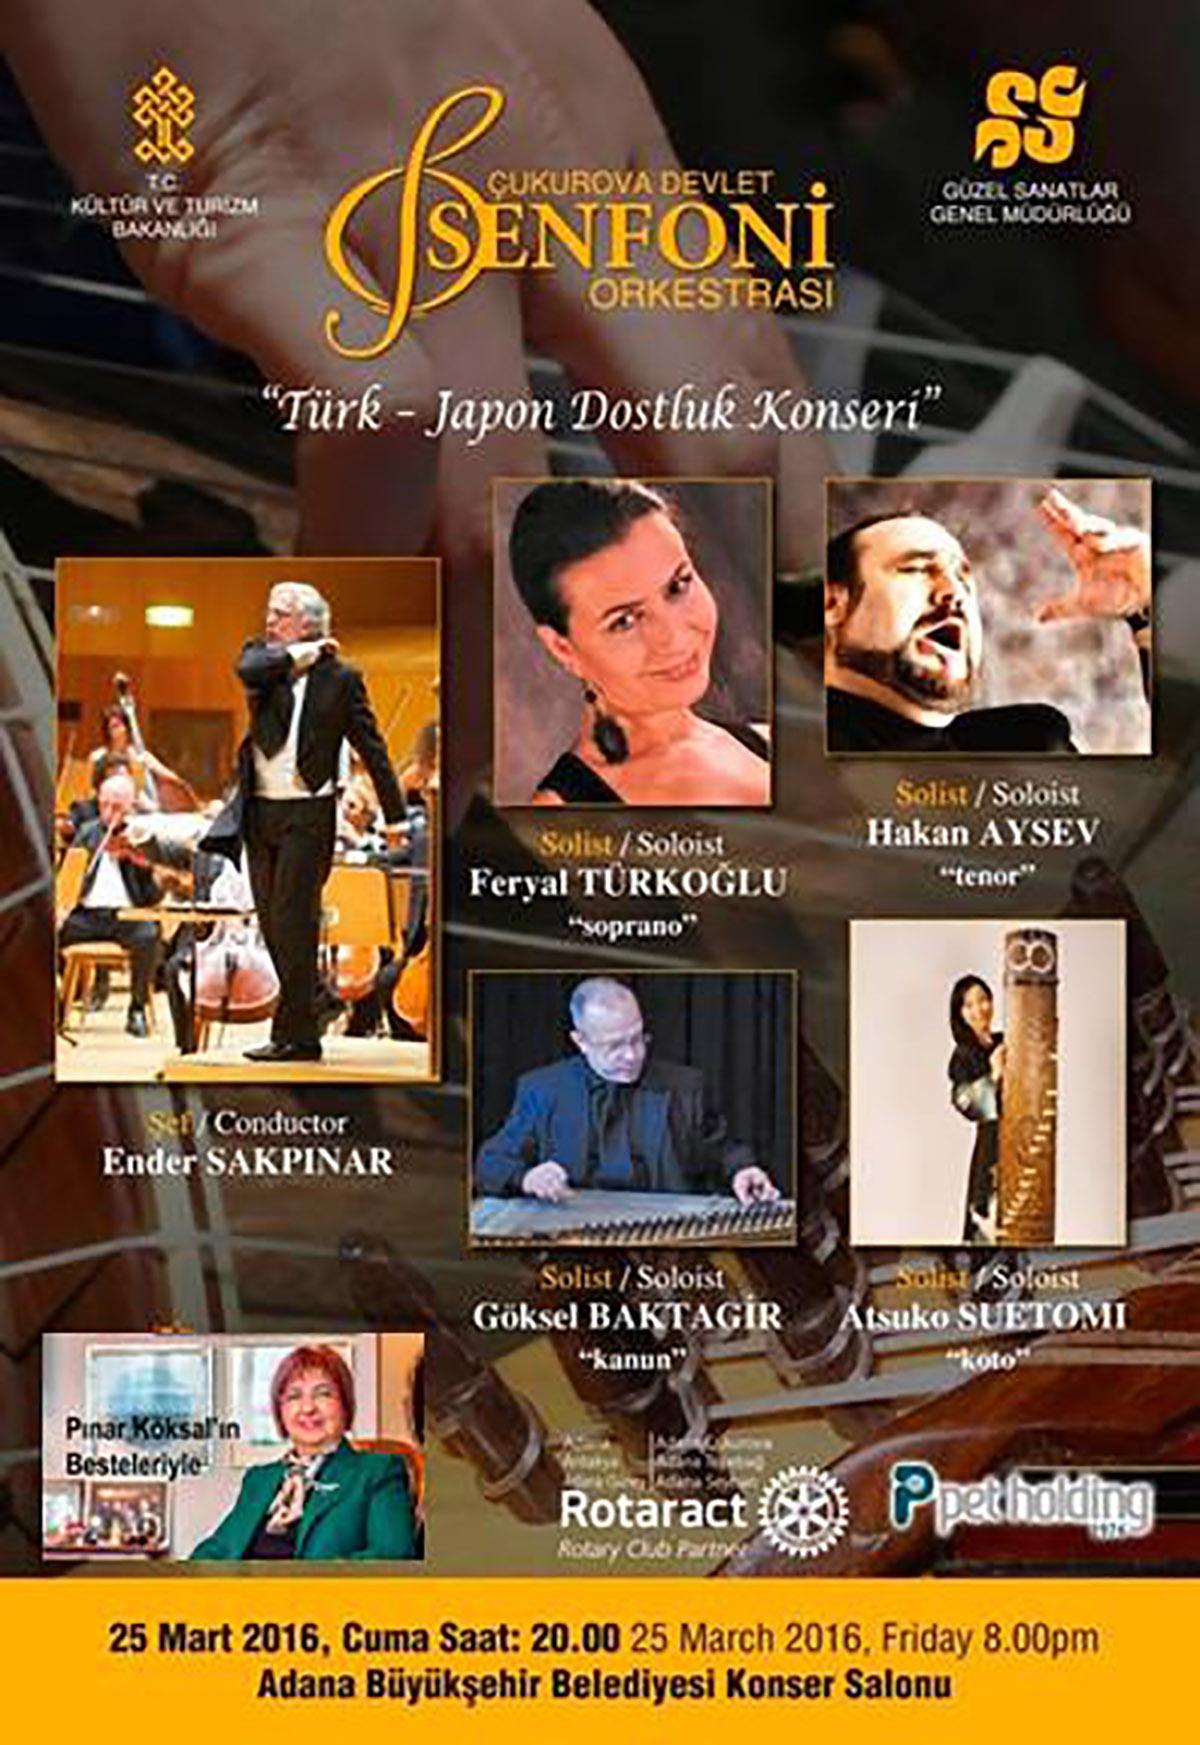 AdanaÇDSO Türk Japon Dostluk Konseri